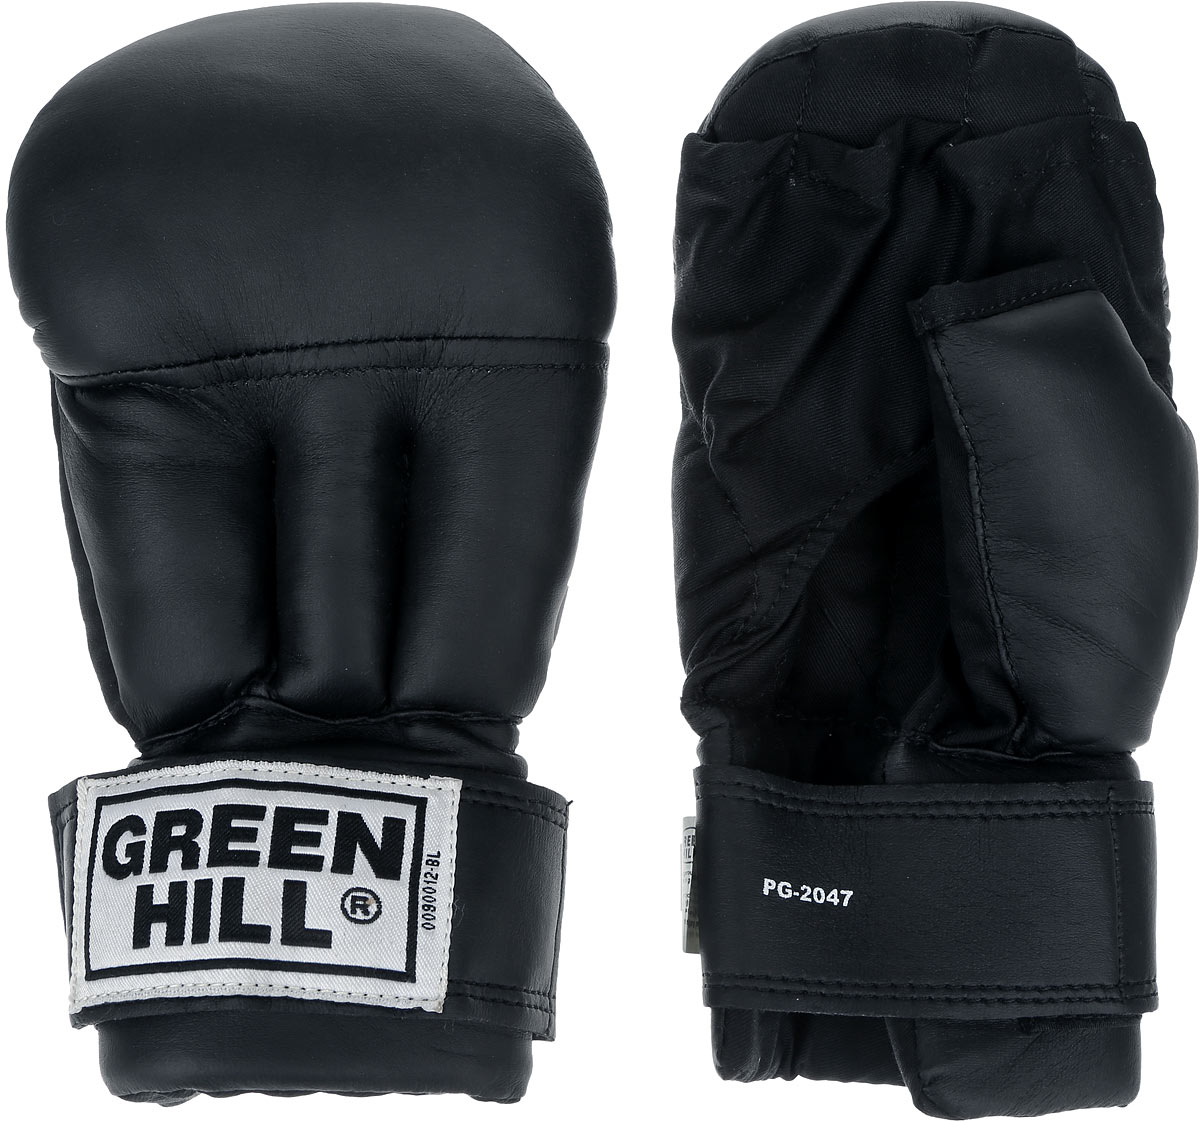 Перчатки для рукопашного боя Green Hill, цвет: черный, белый. Размер XL. PG-2047PG-2047Перчатки для рукопашного боя Green Hill произведены из высококачественной искусственной кожи. Подойдут для занятий смешанными единоборствами. Конструкция предусматривает открытые пальцы - необходимый атрибут для проведения захватов. Манжеты на липучках позволяют быстро снимать и надевать перчатки без каких-либо неудобств.